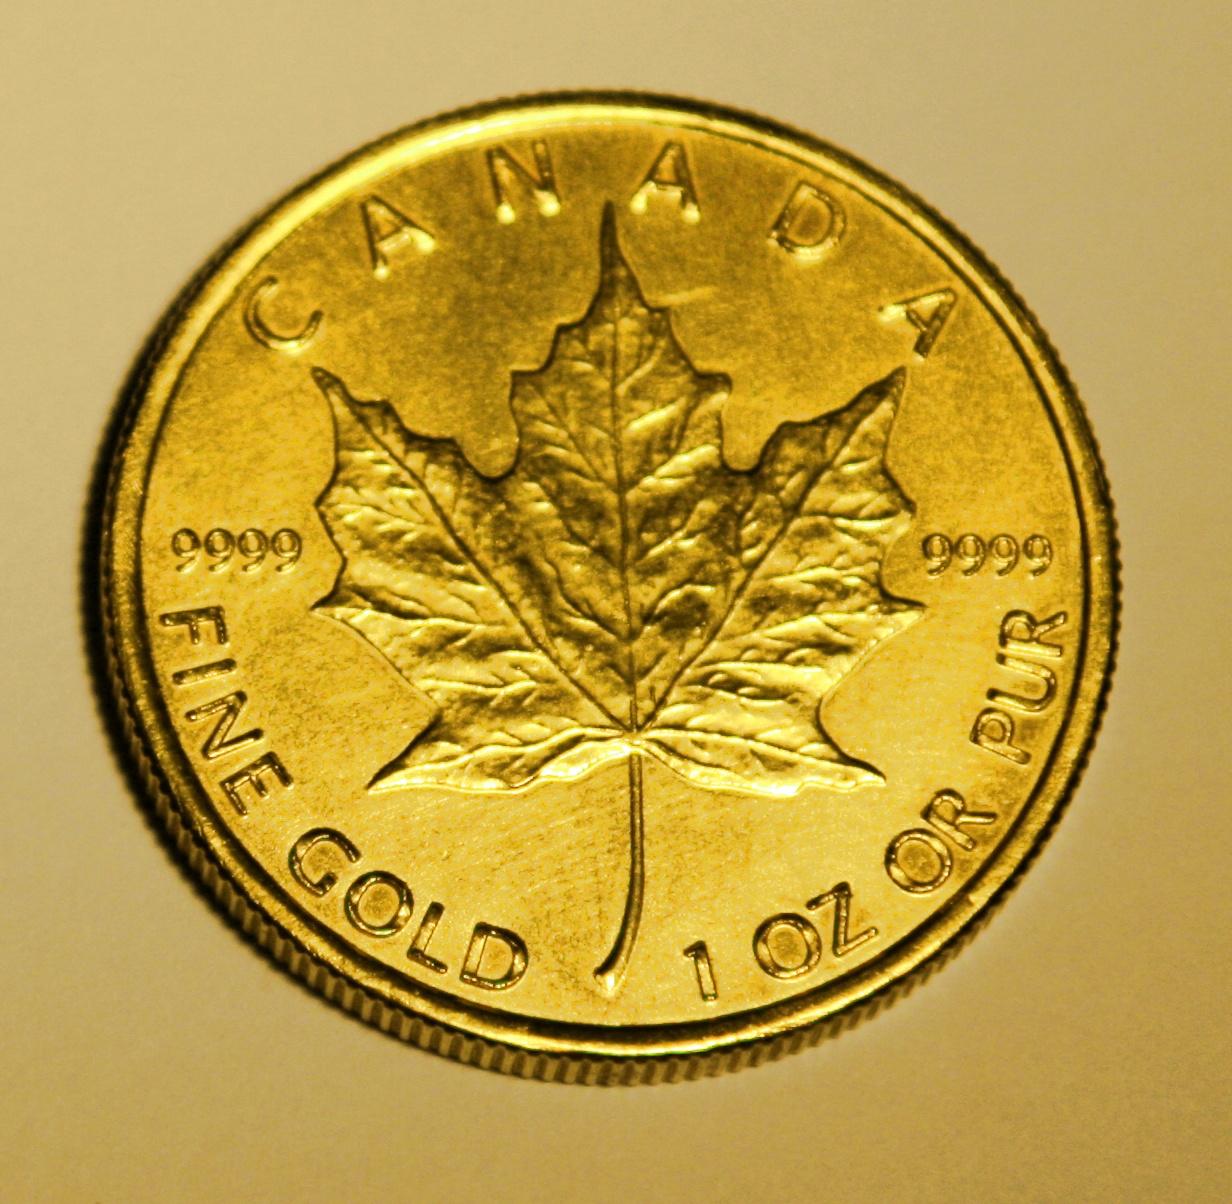 Goldfälschungen II - Fake gold-Part II